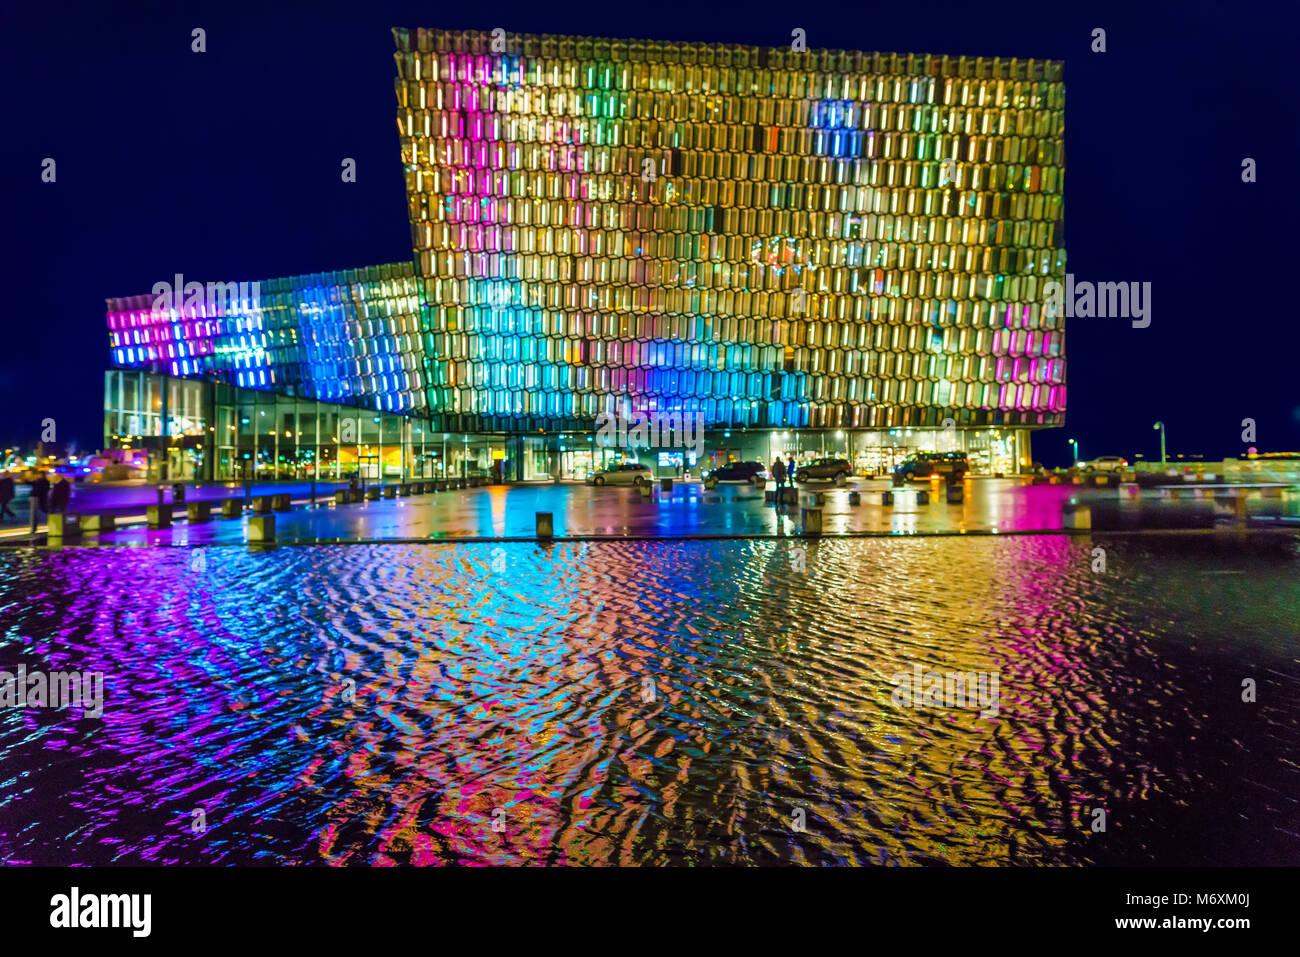 Luci colorate- Inverno Festival delle Luci, Harpa Music Hall e il centro conferenze, Reykjavik, Islanda Immagini Stock